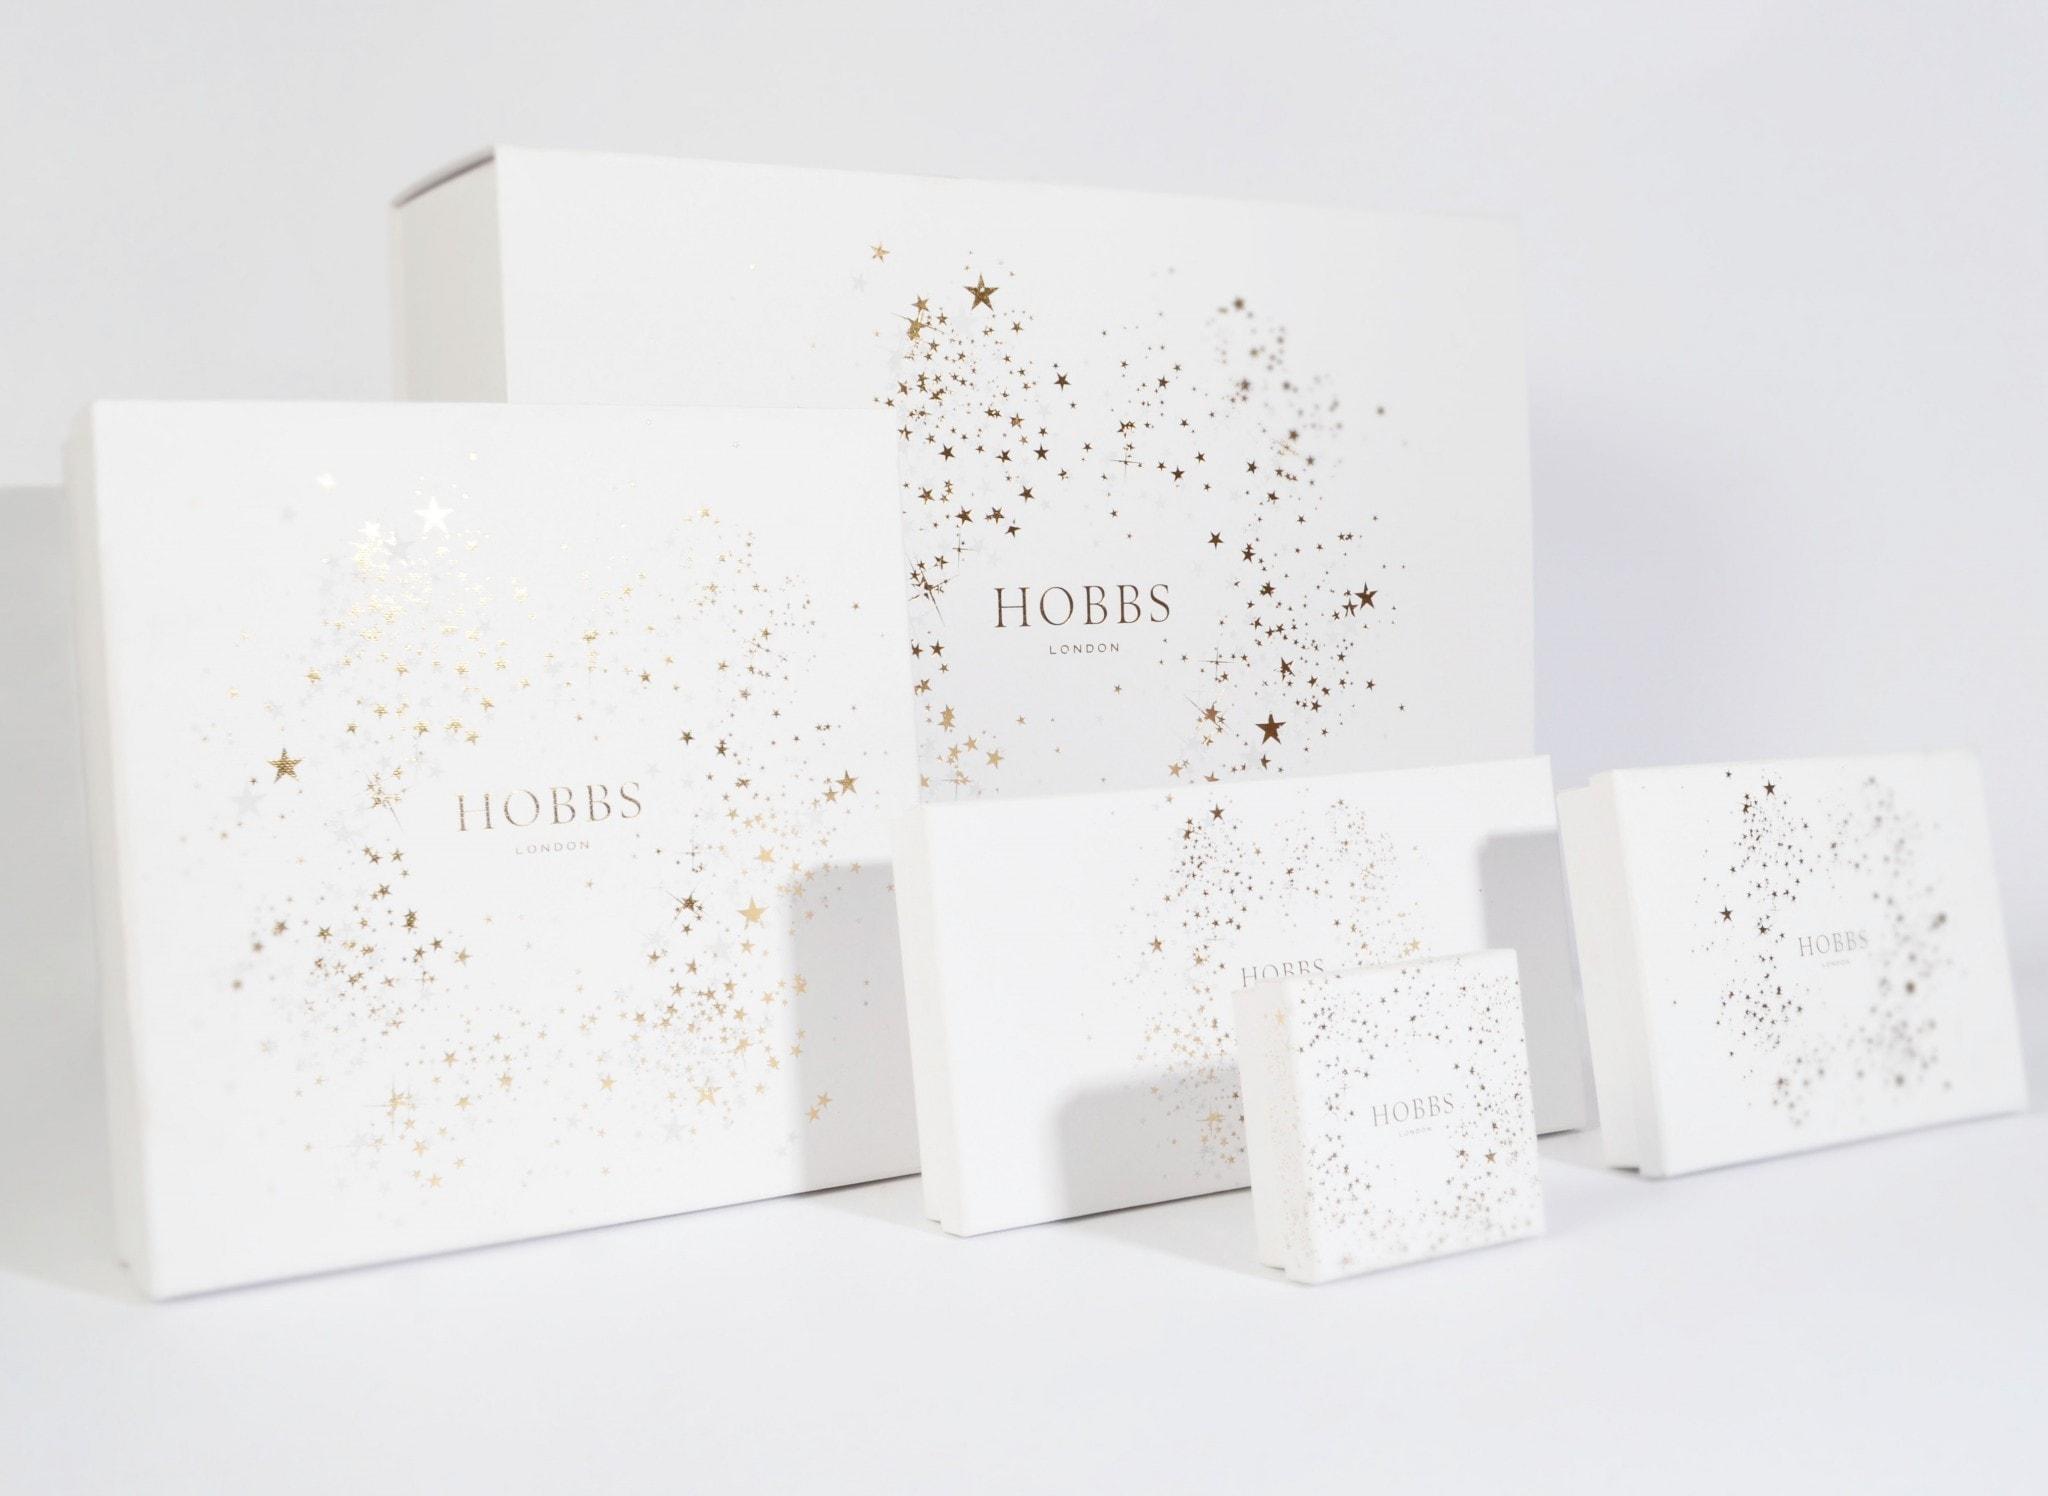 Hobbs Packaging Design